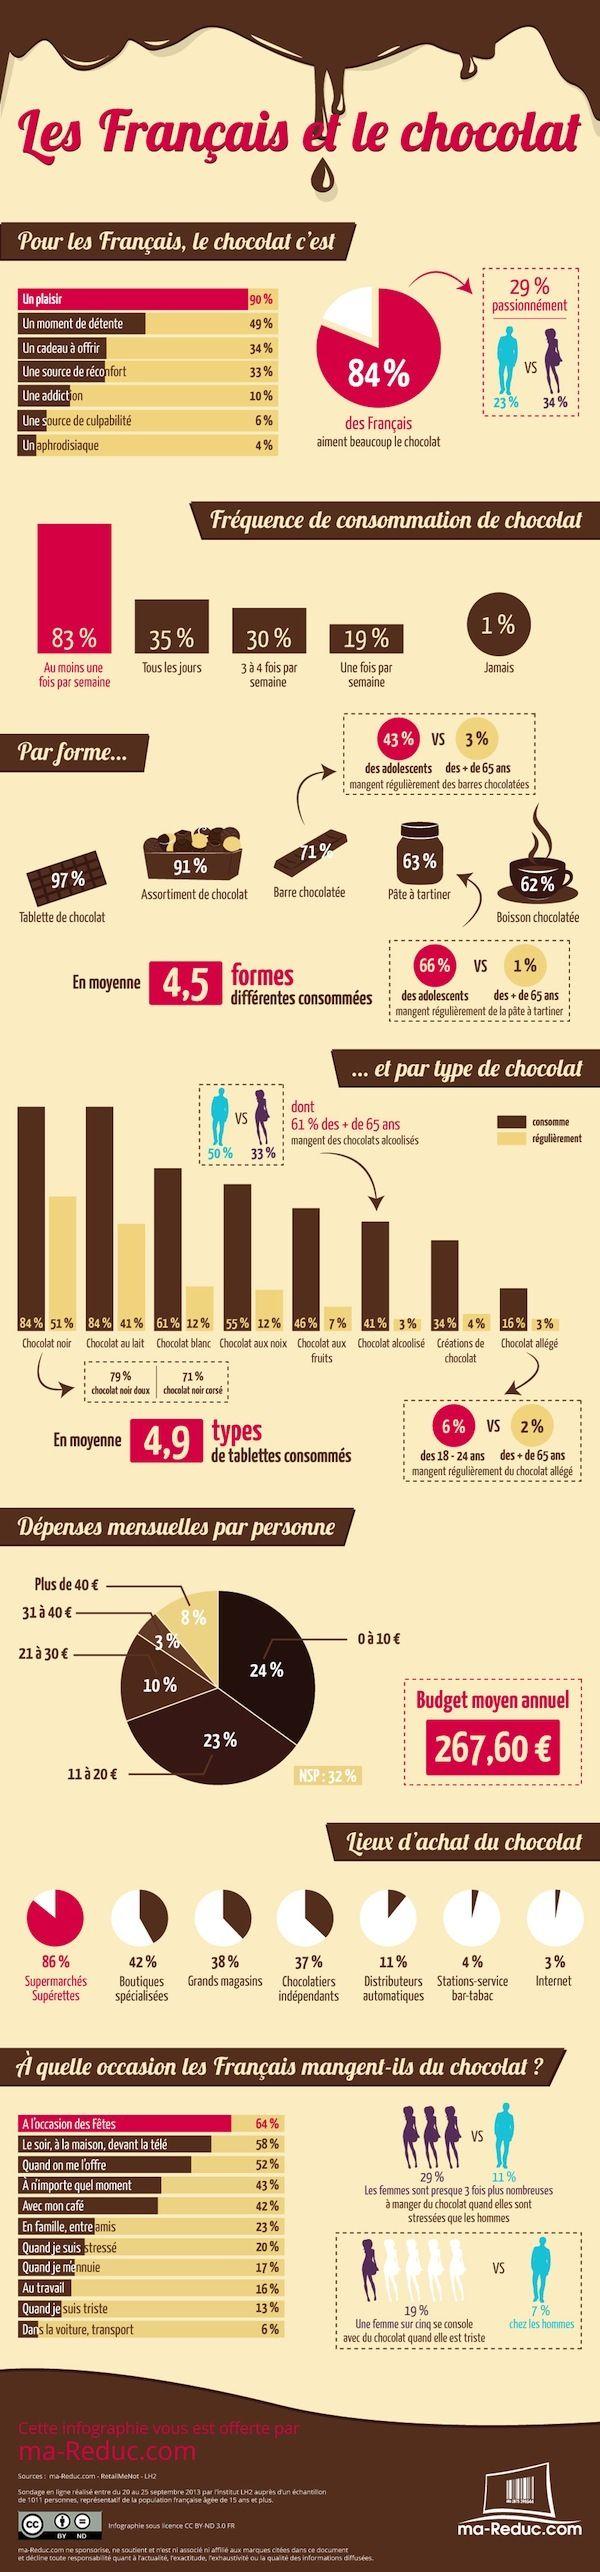 Les français et le chocolat - Infographie pour les gourmands.